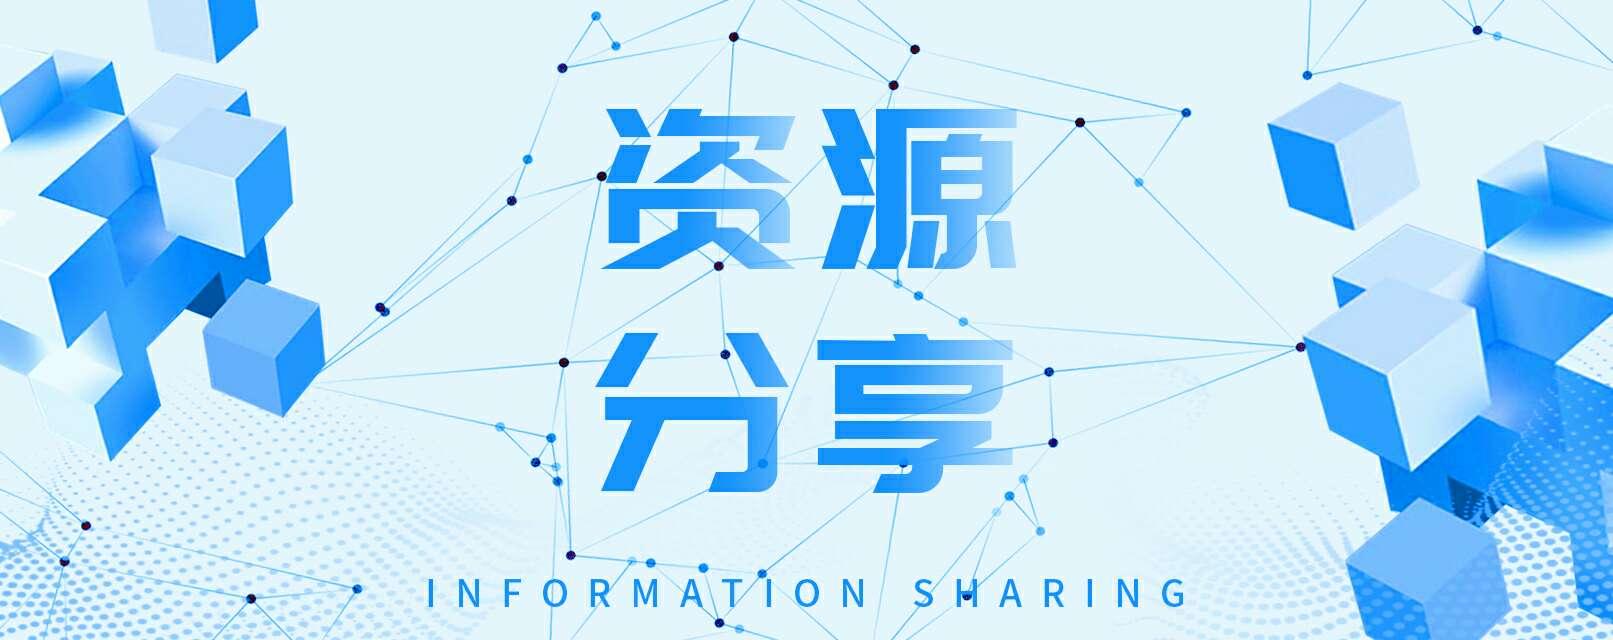 【资源分享】微信零钱截图生成器